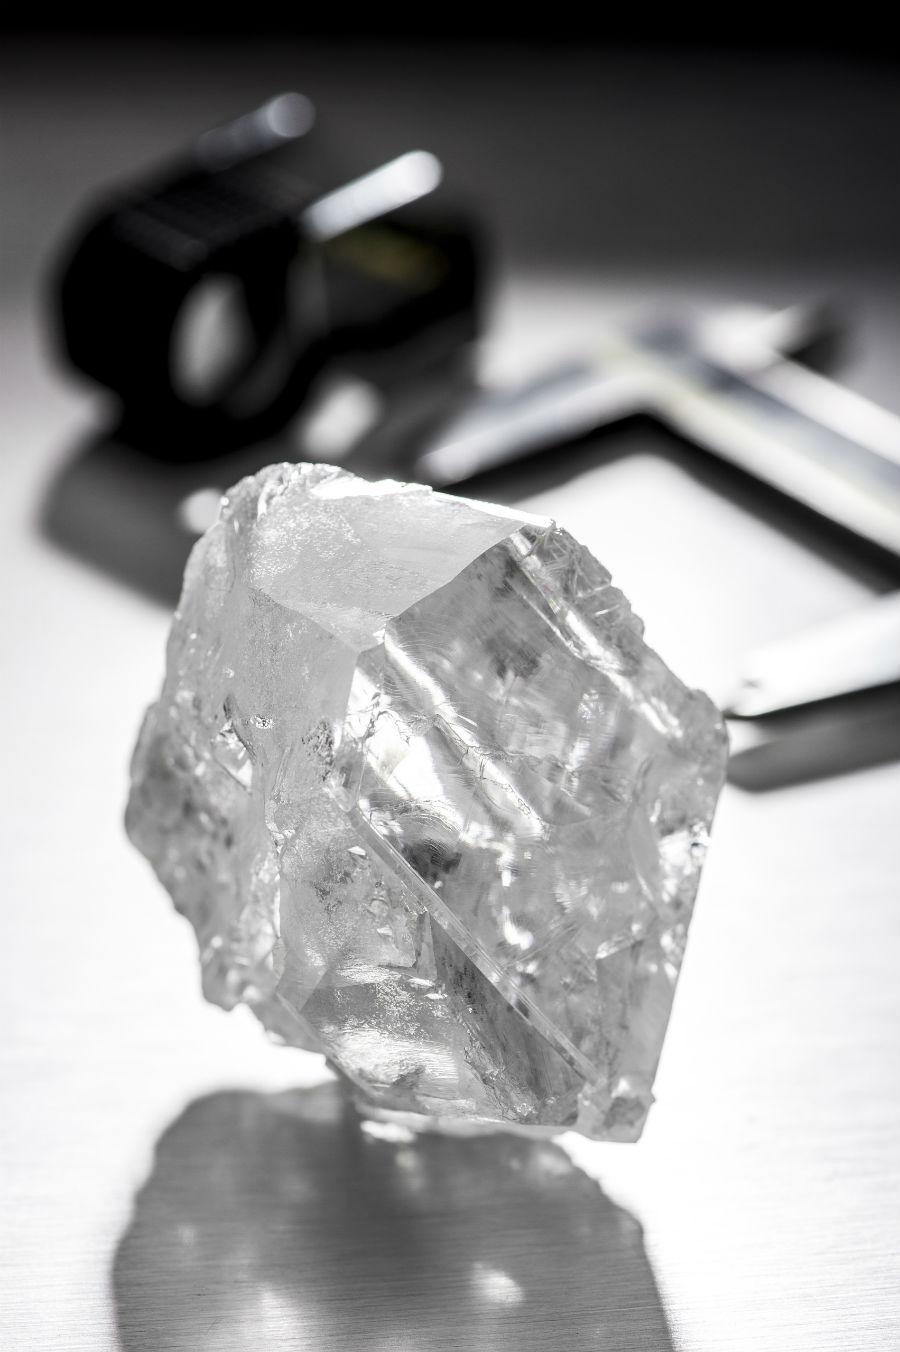 Graff Diamonds – Il diamante grezzo Lesedi La Rona, 1.109 carati, scoperto nella miniera di Lucara Karowe nel Botswana centro-settentrionale.